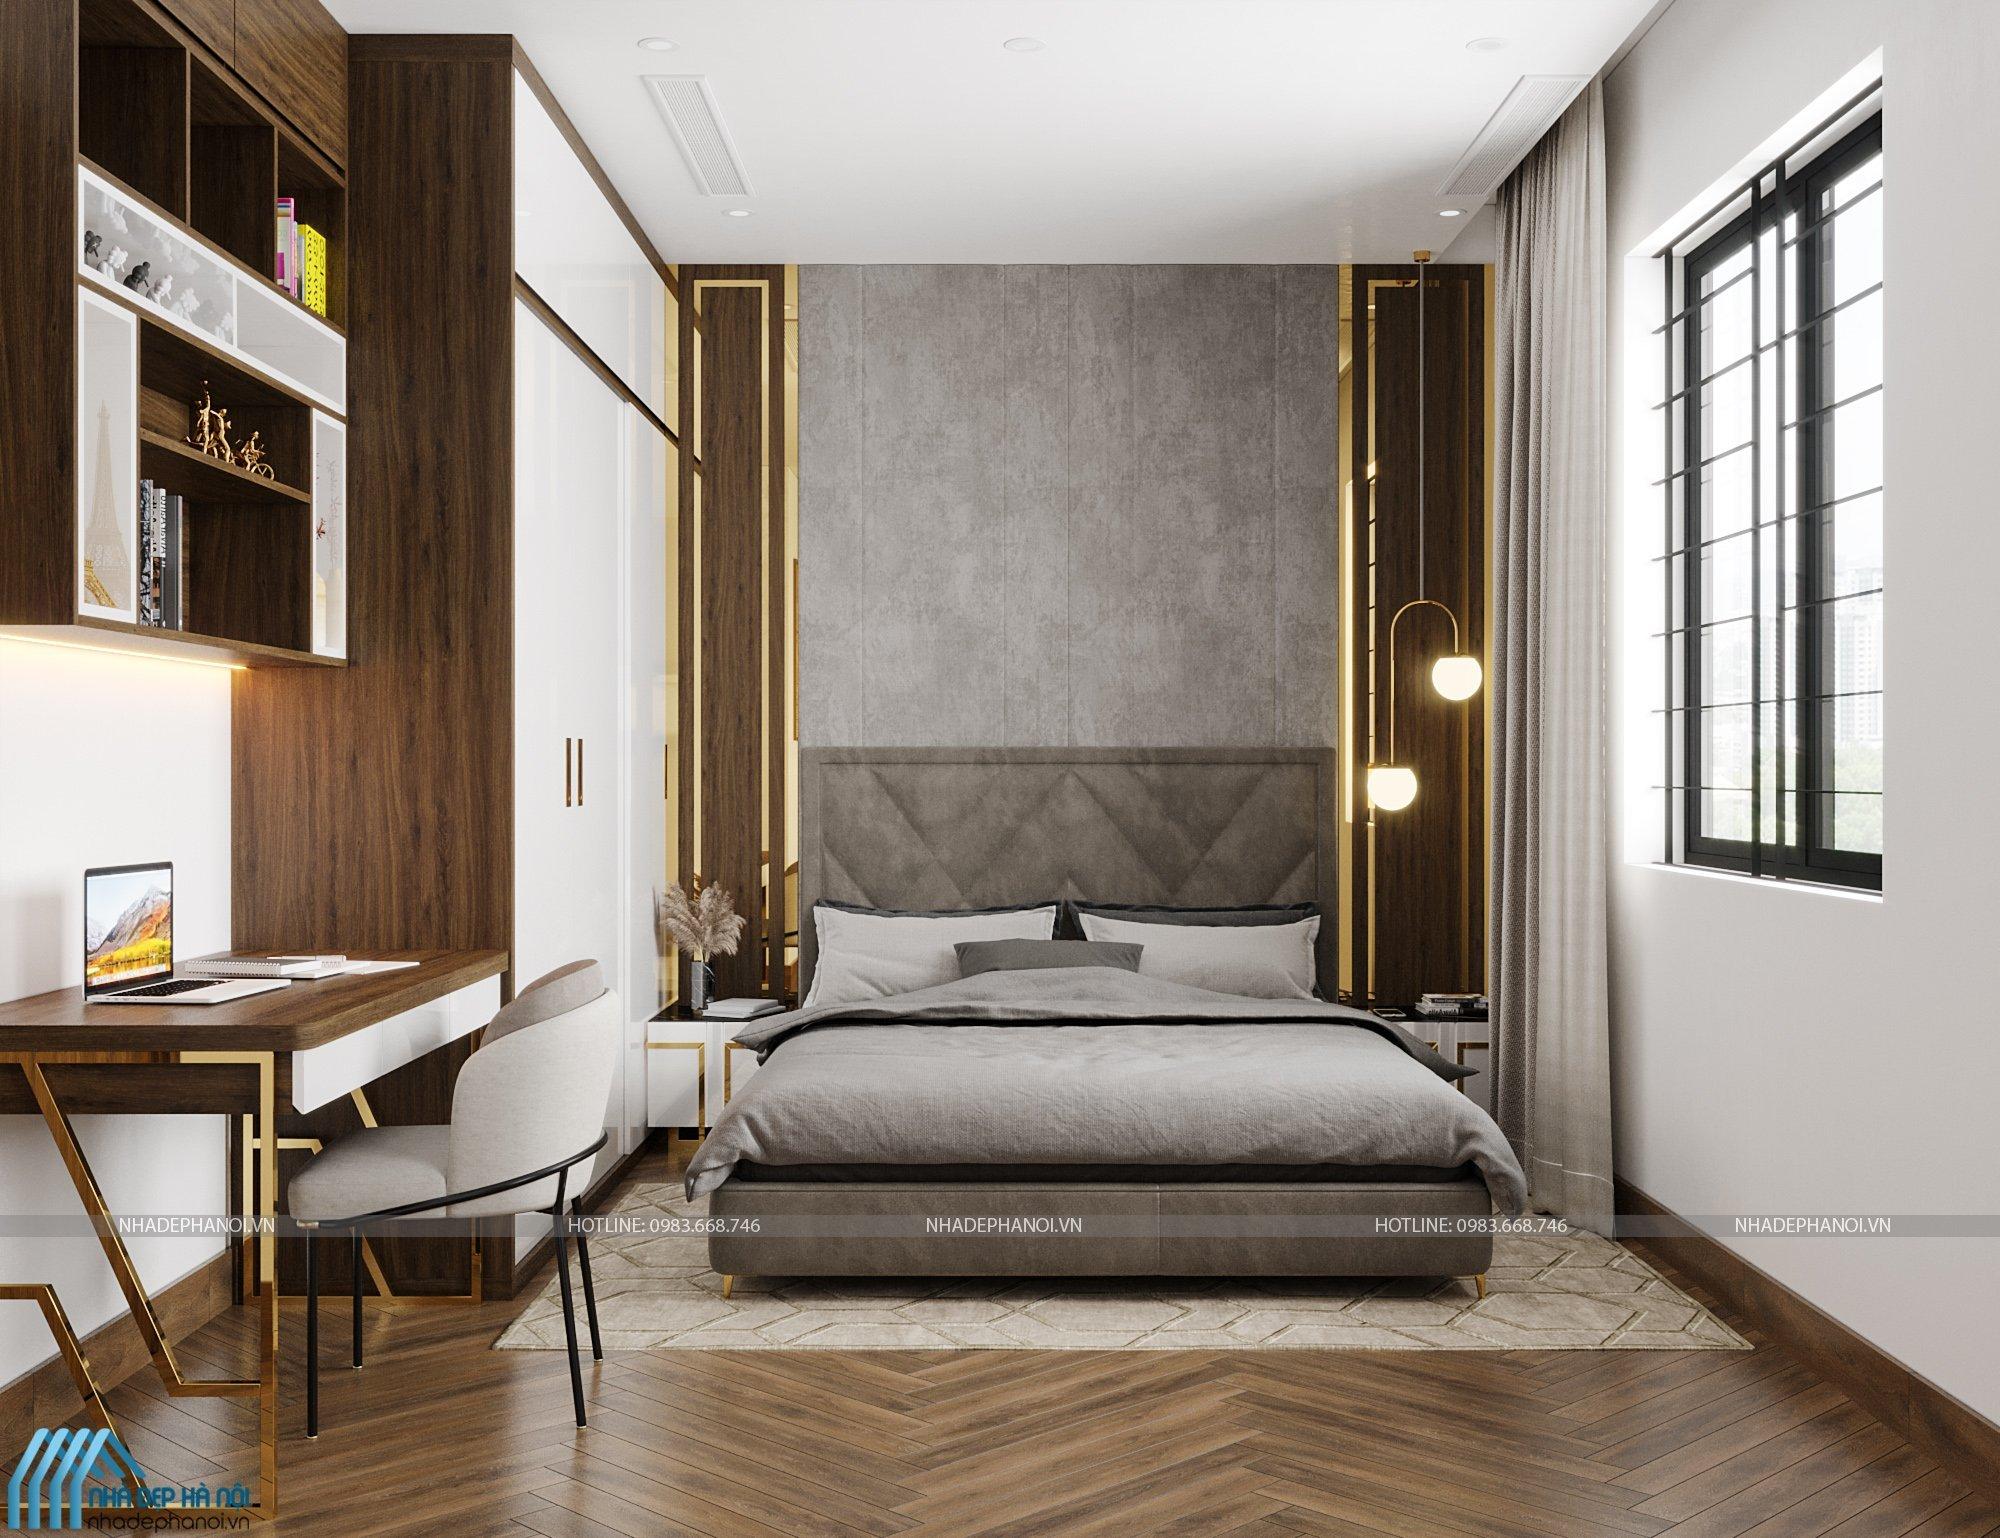 Mẫu thiết kế phòng ngủ sang trọng và hiện đại cho biệt thự tại Linh Đàm